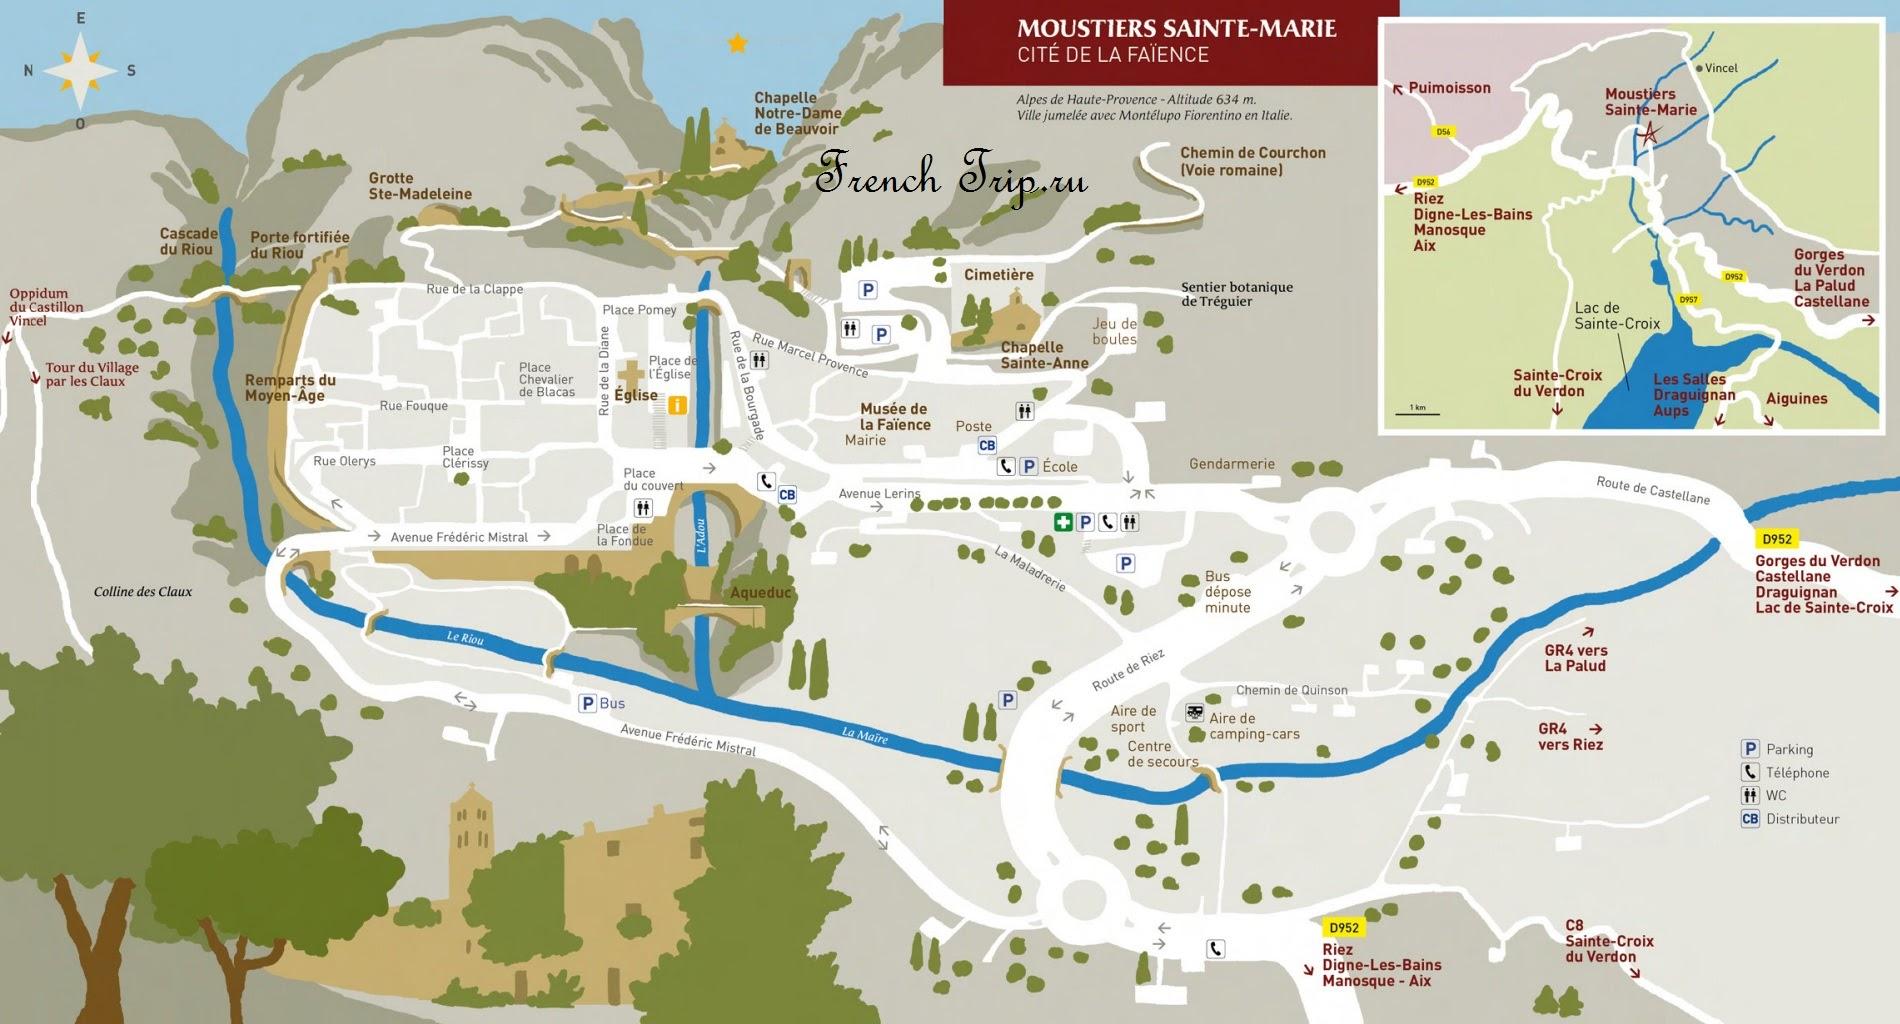 Карта Moustiers-Sainte-Marie (Мустье-Сен-Мари) с отмеченными достопримечательностиями, Прованс, Франция @ frenchtrip.ru